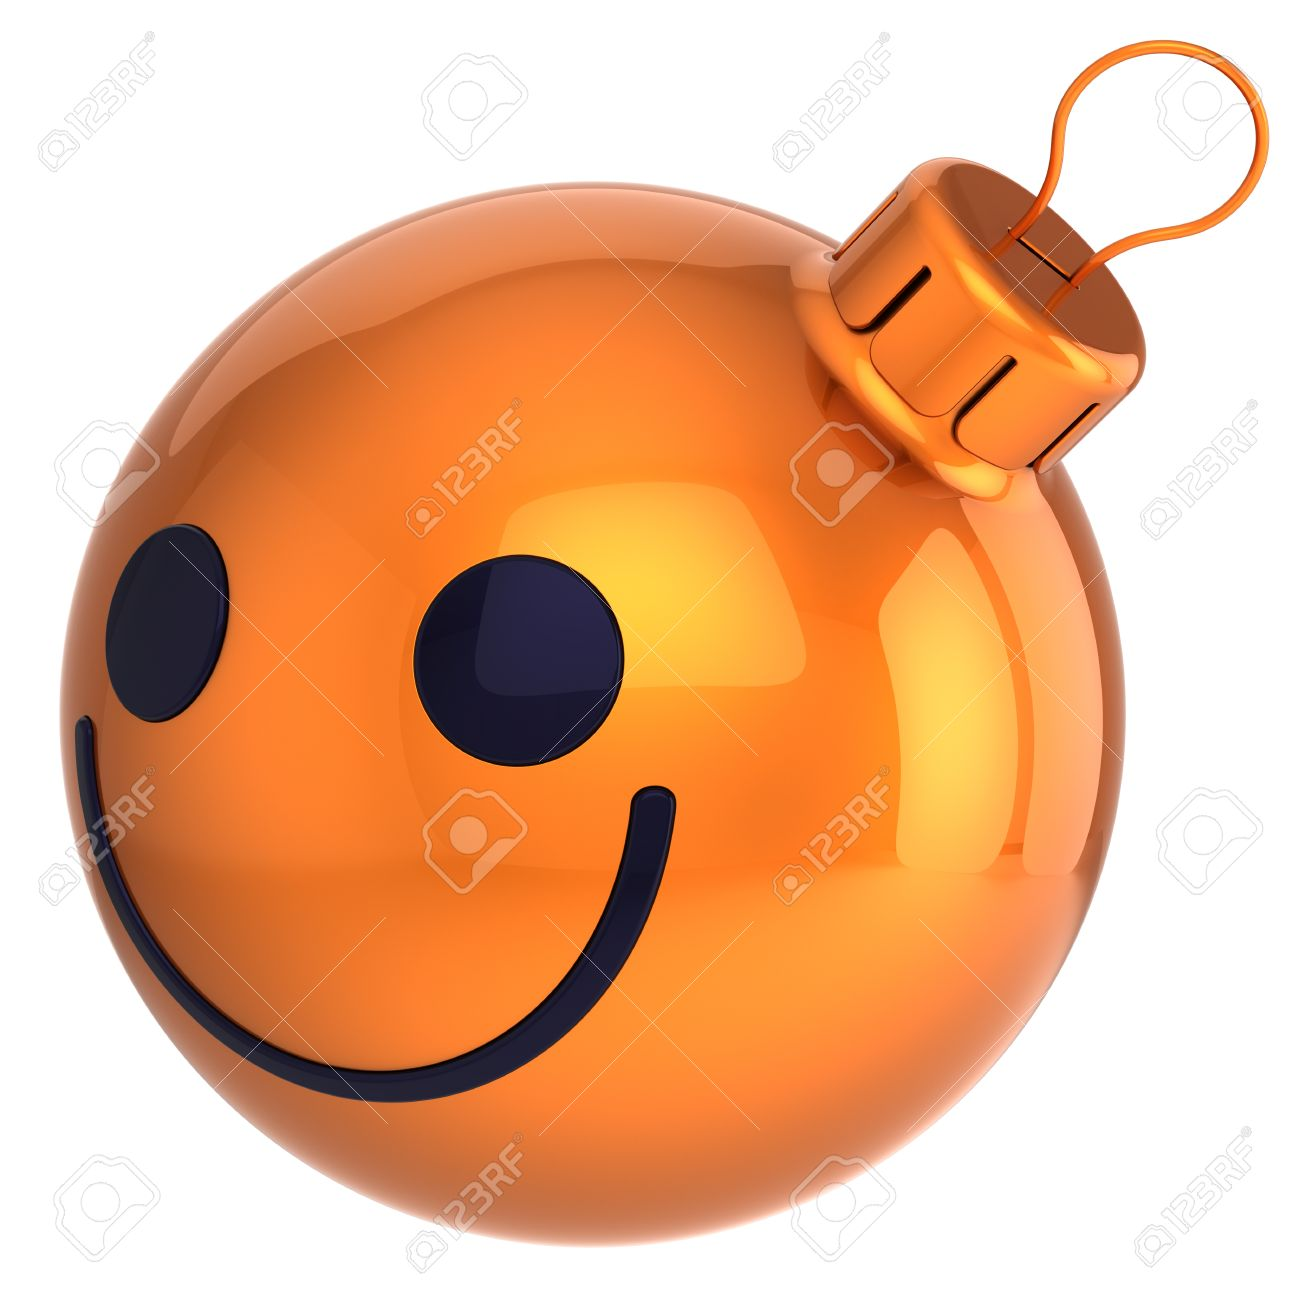 スマイル クリスマス ボール オレンジ新年あけましておめでとうございます安ピカ笑顔顔笑顔装飾うれしそうな幸福アイコン面白いメリー クリスマス アバター冬正の記号 の写真素材 画像素材 Image